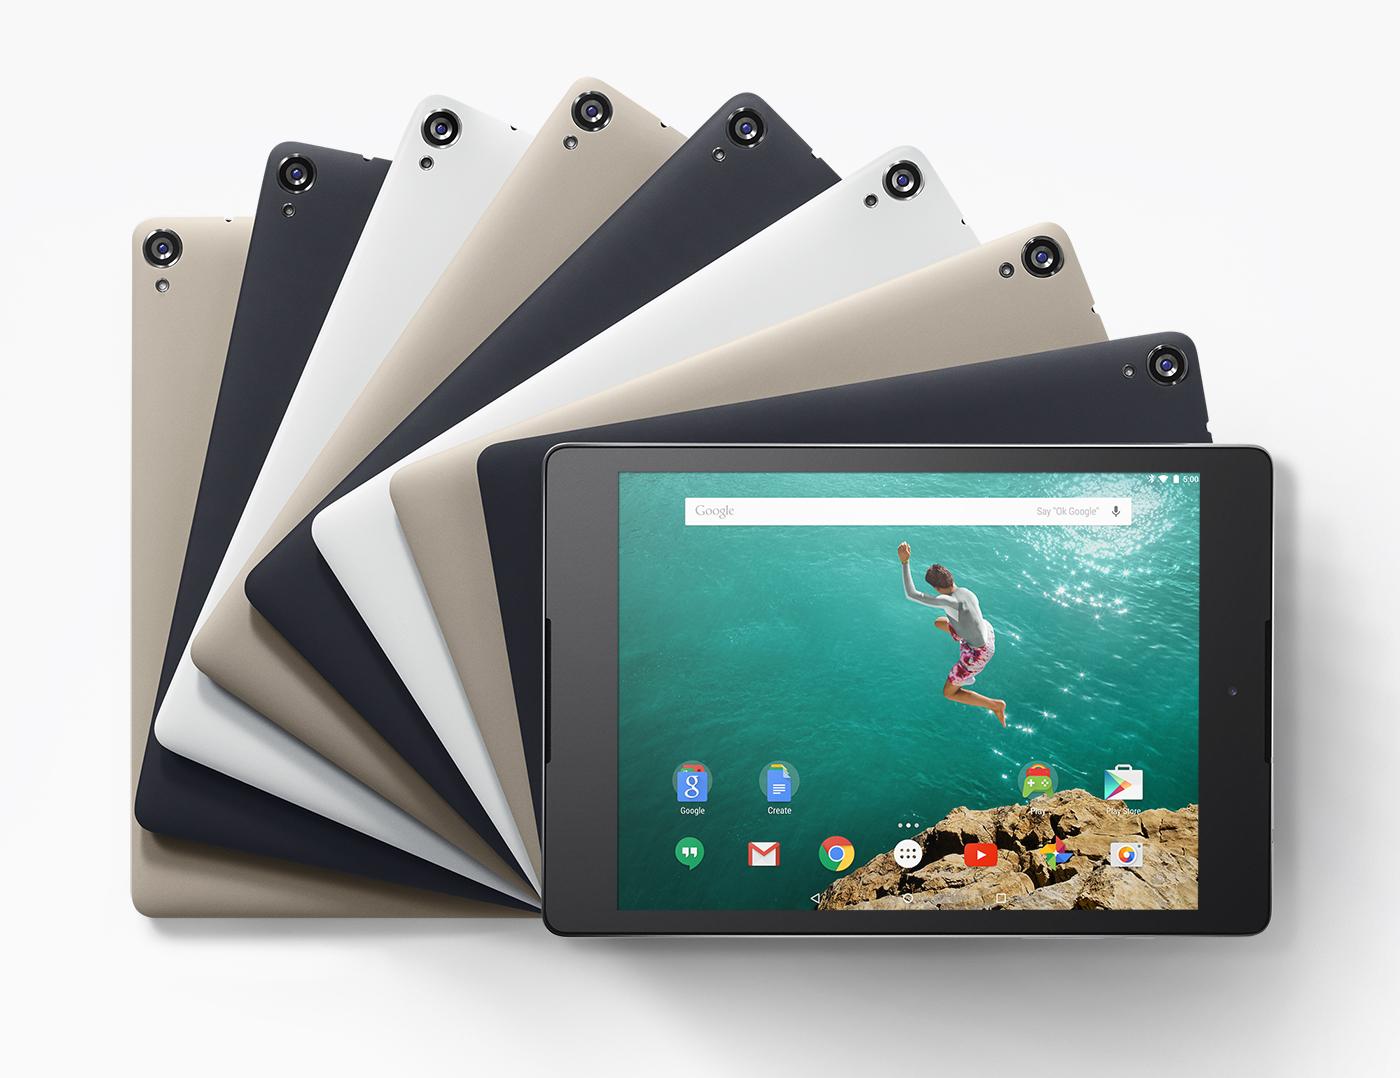 La Google Nexus 9 est officielle : fiche technique et date de sortie de la nouvelle tablette de HTC